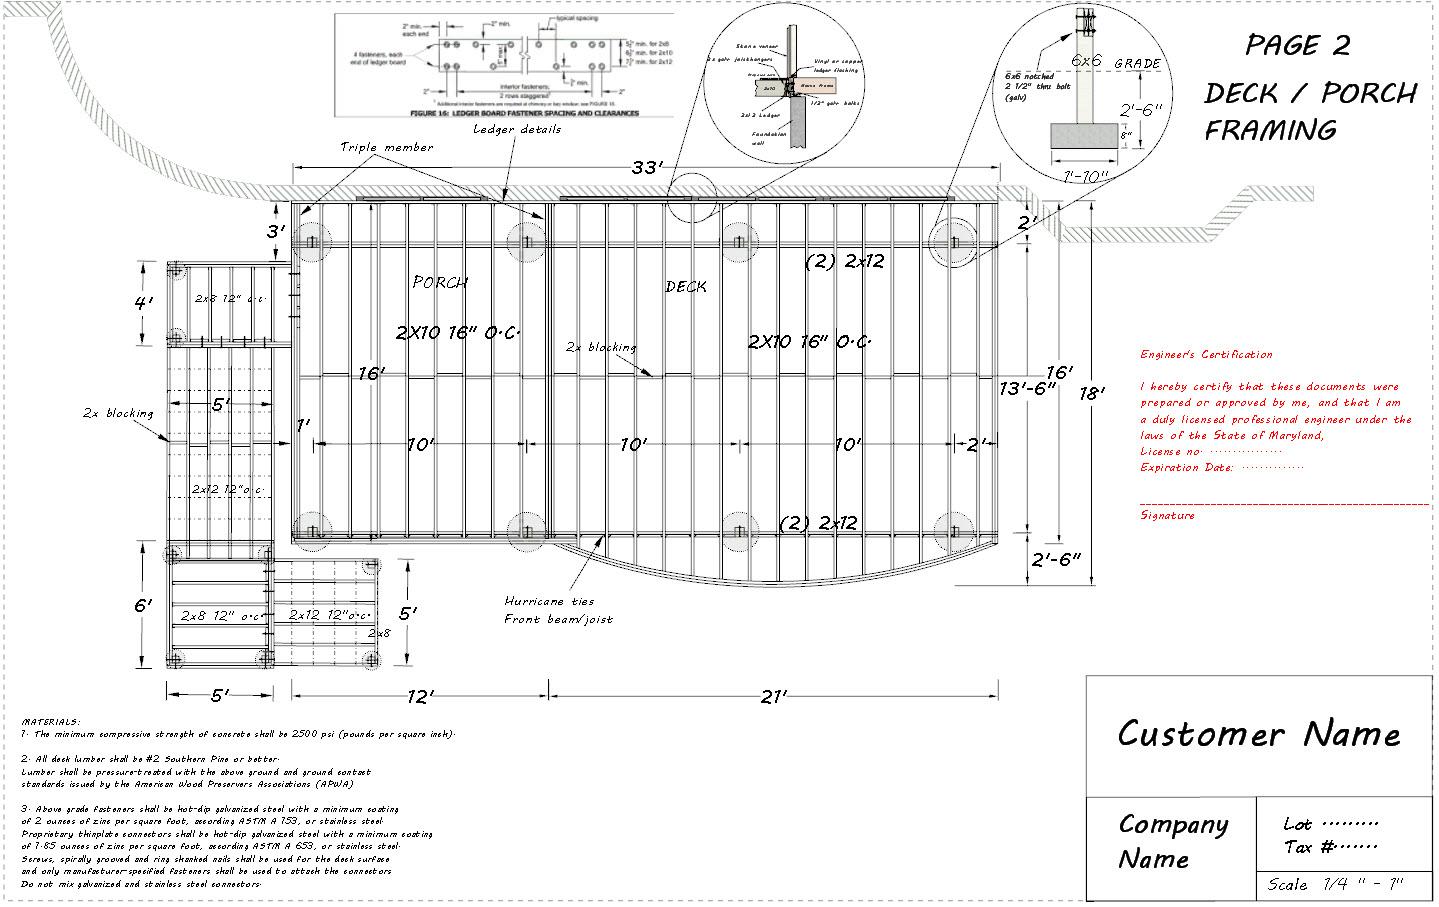 Construction form sample.jpg